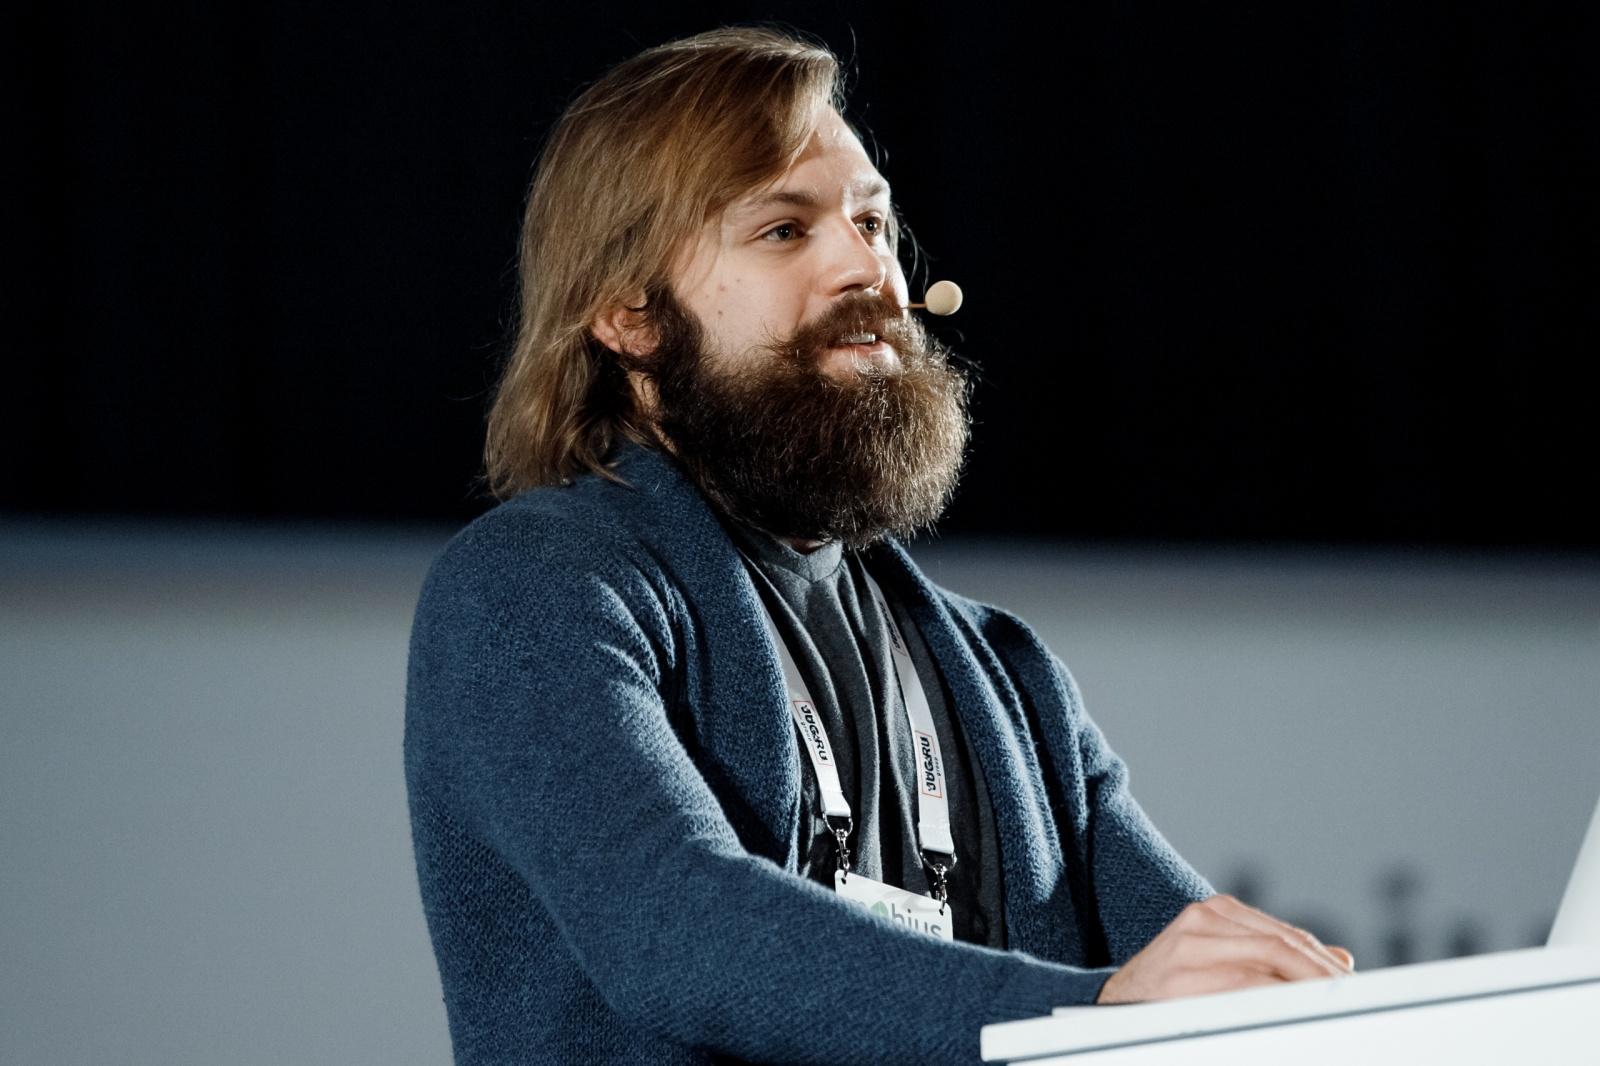 «Я был очень негативен по отношению к корутинам»: Артём Зиннатуллин об Android-разработке - 1